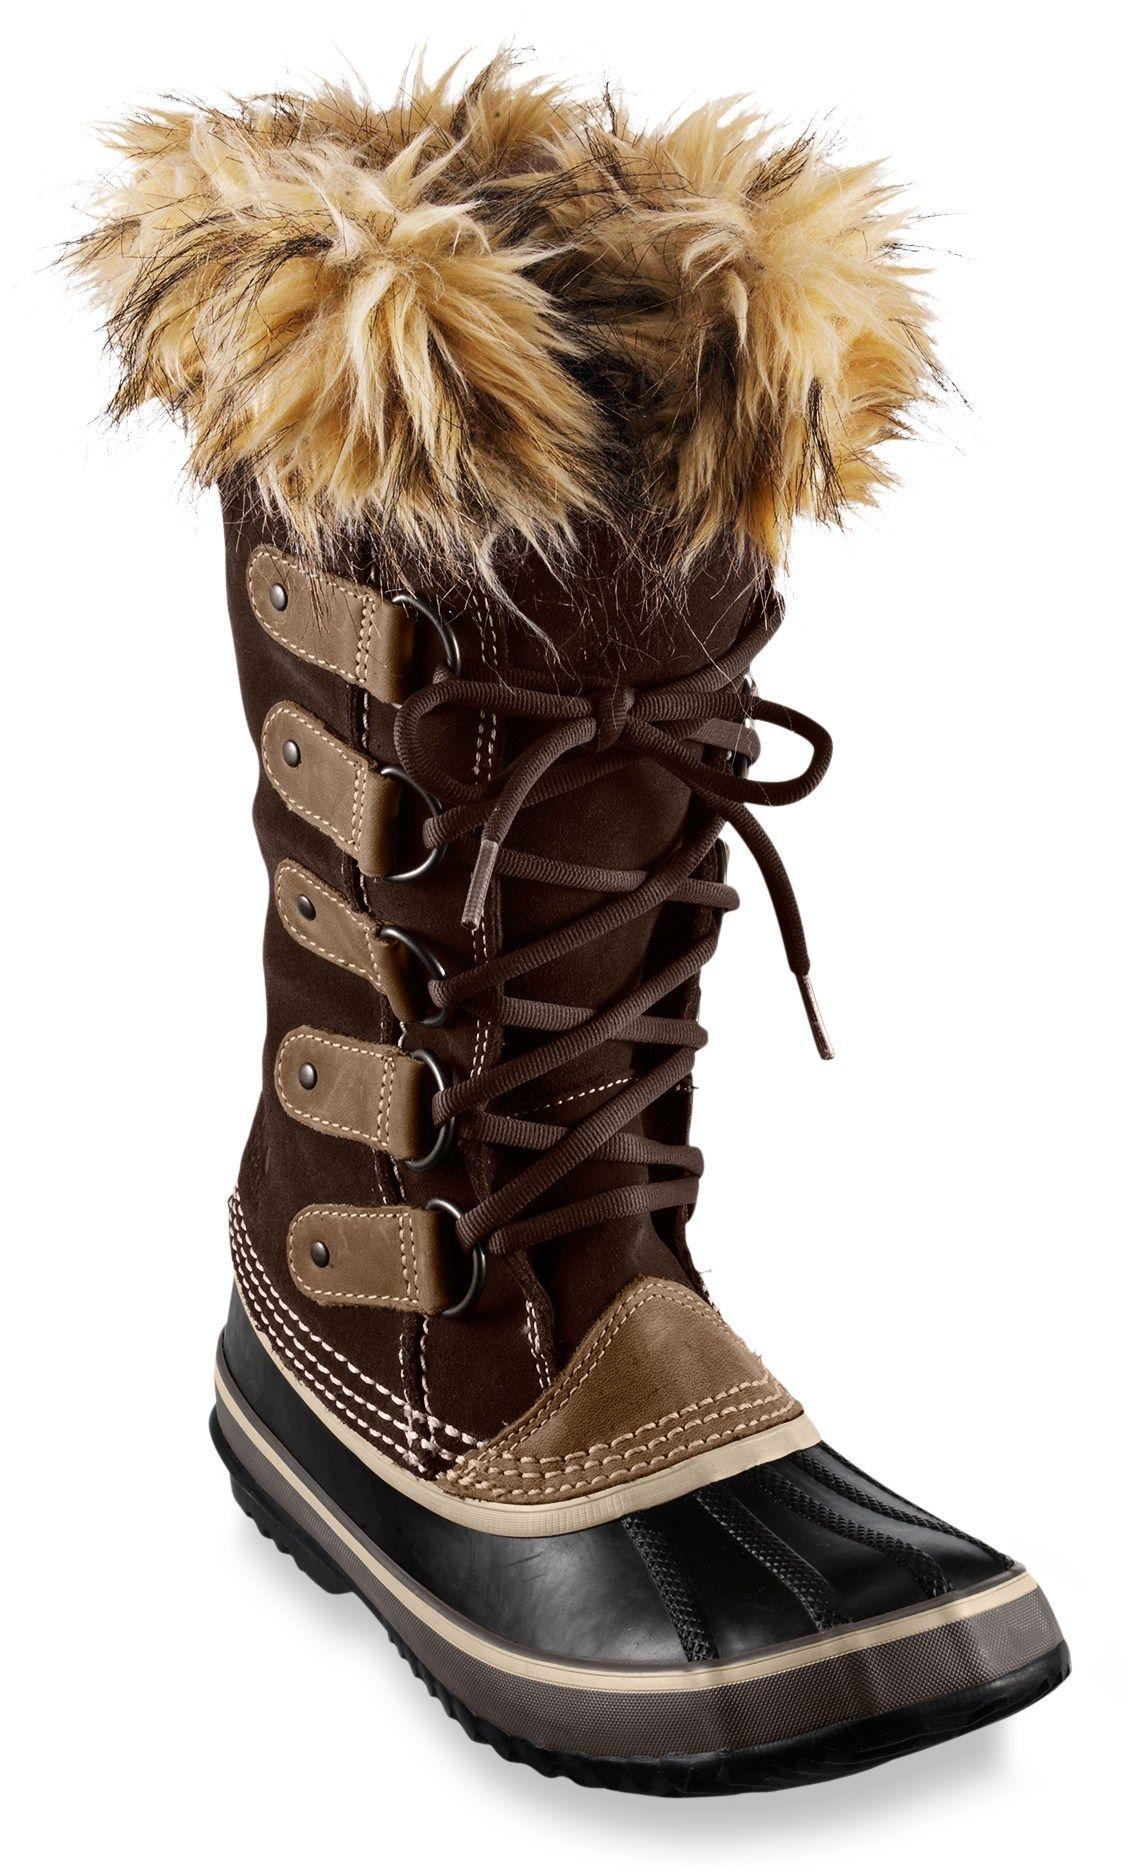 Sorel Joan Of Arctic Winter Boots Women S Rei Co Op Sorel Joan Of Arctic Winter Boots Women Boots